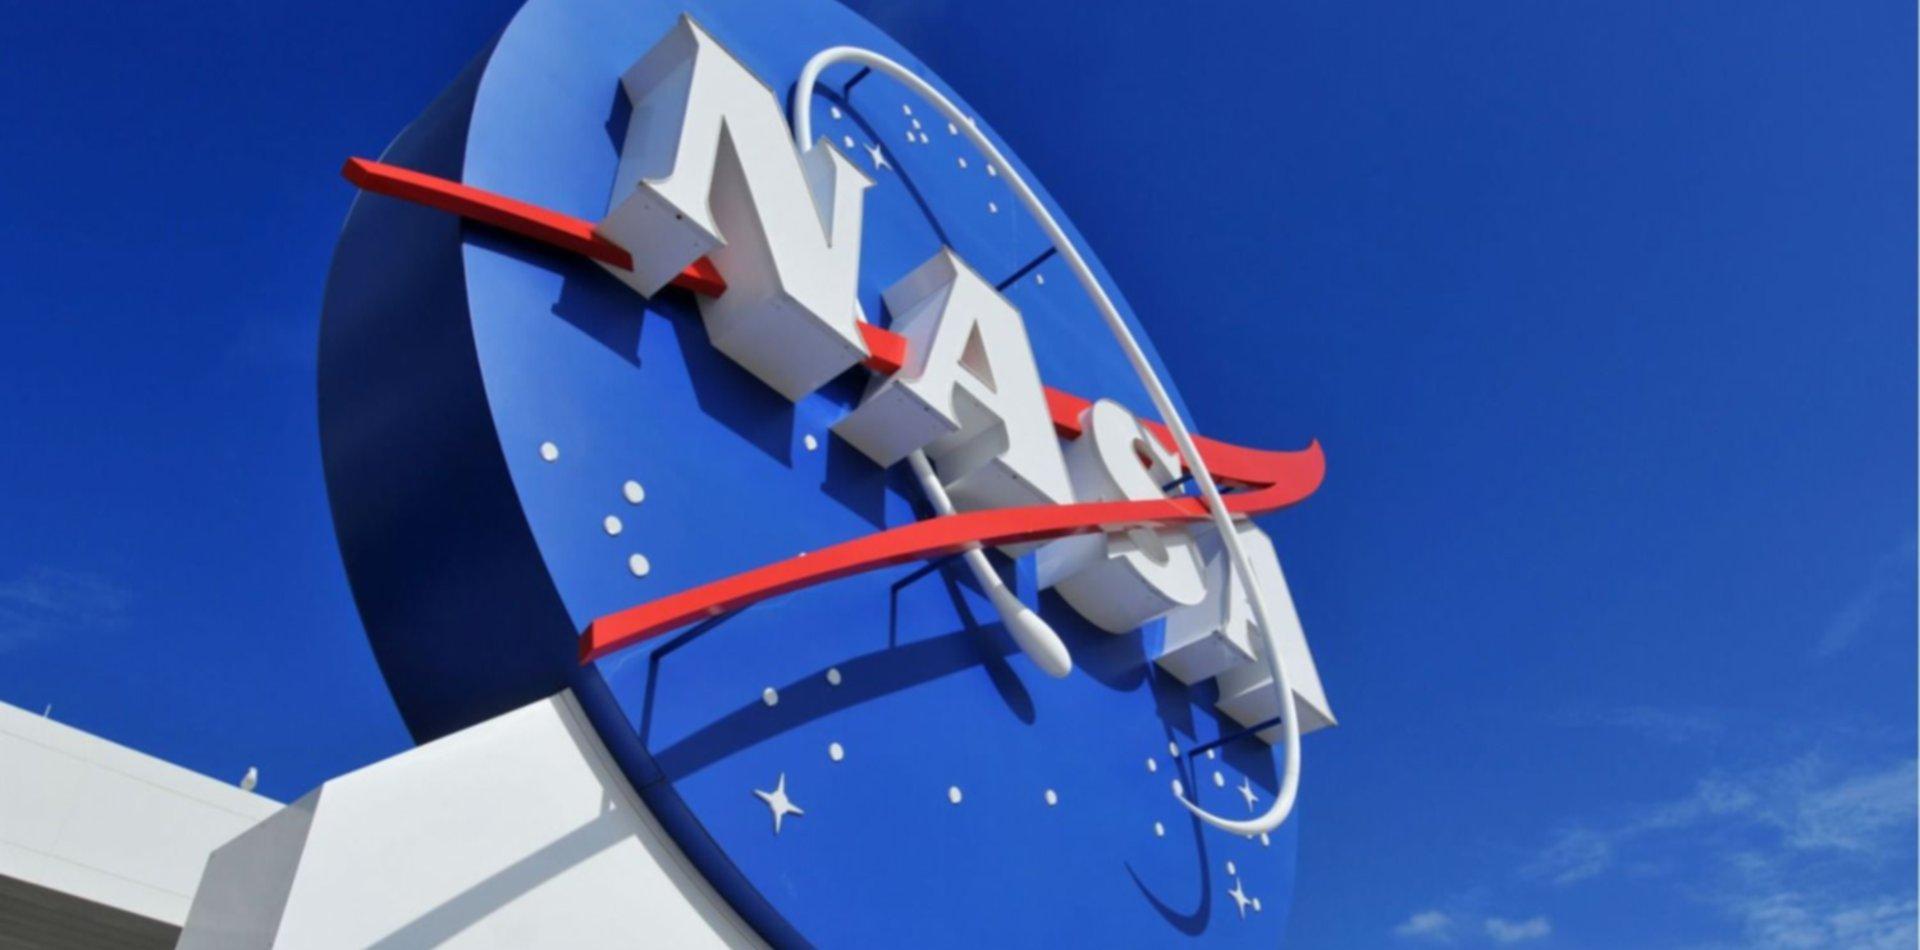 Arranca en la UNLP un novedoso concurso para crear apps para la NASA